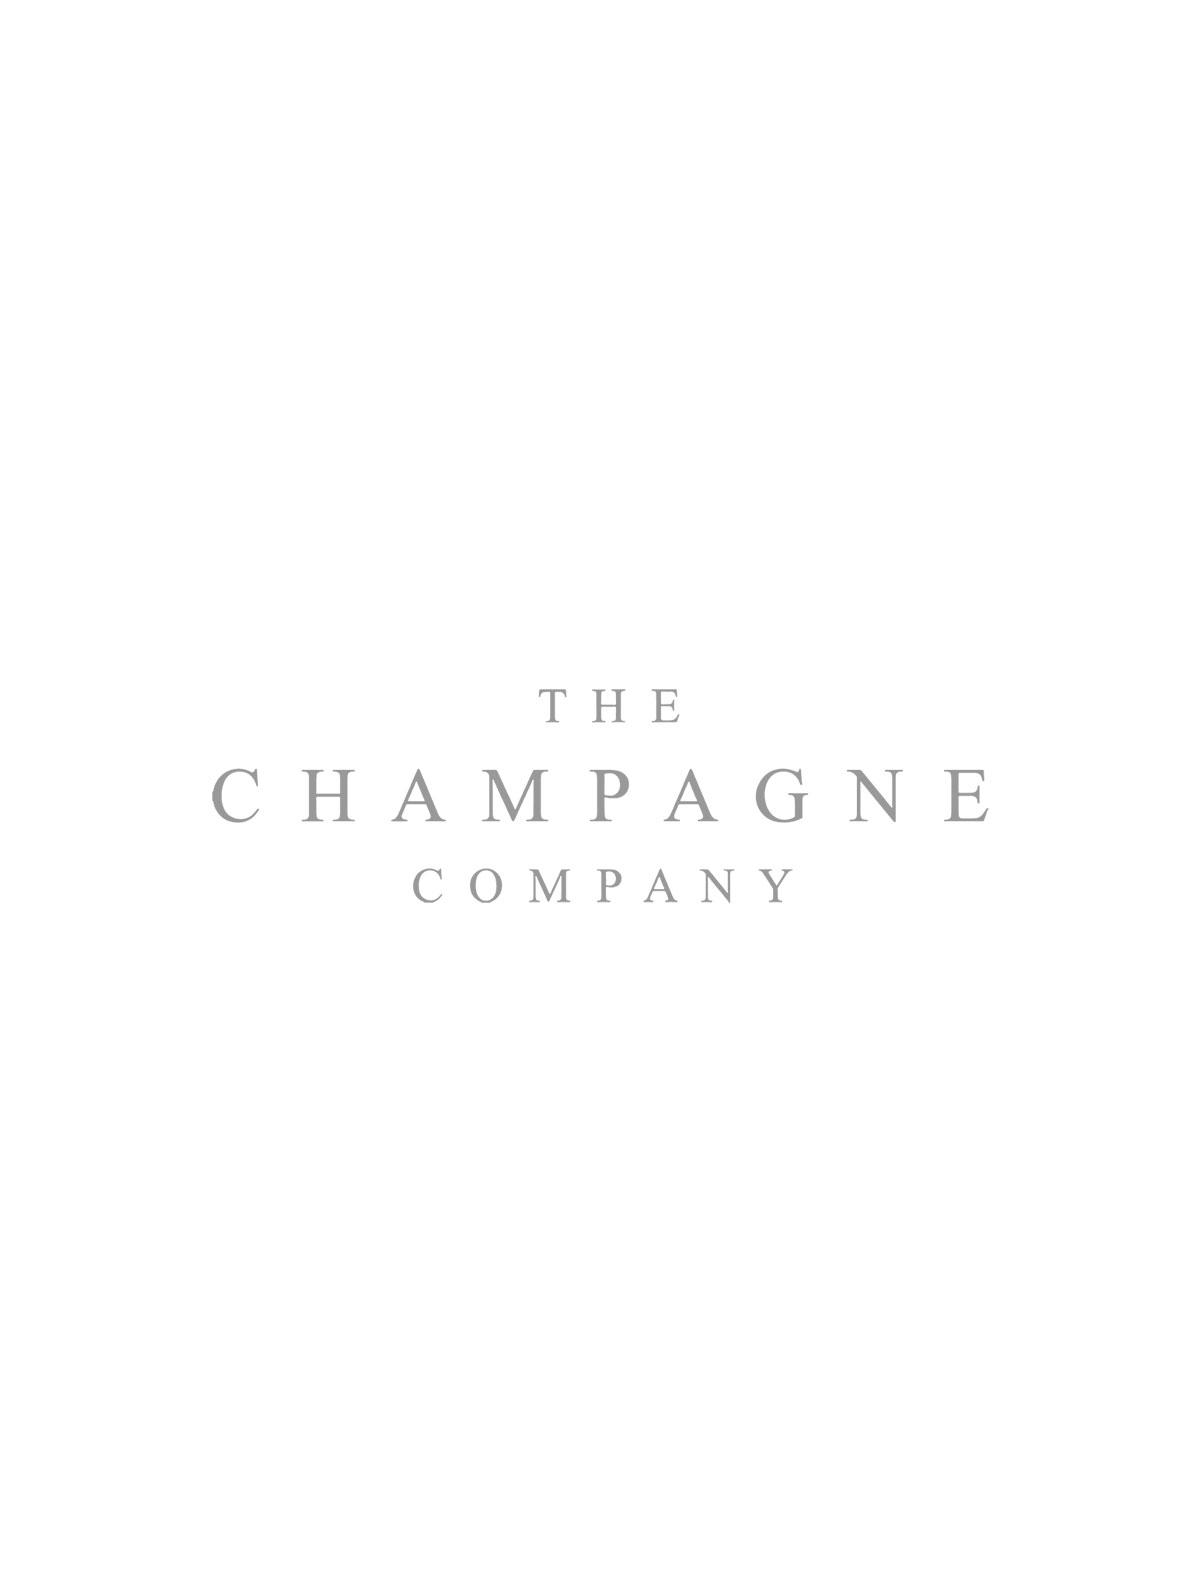 Belvedere Vodka Unfiltered Diamond Rye Vodka 70cl